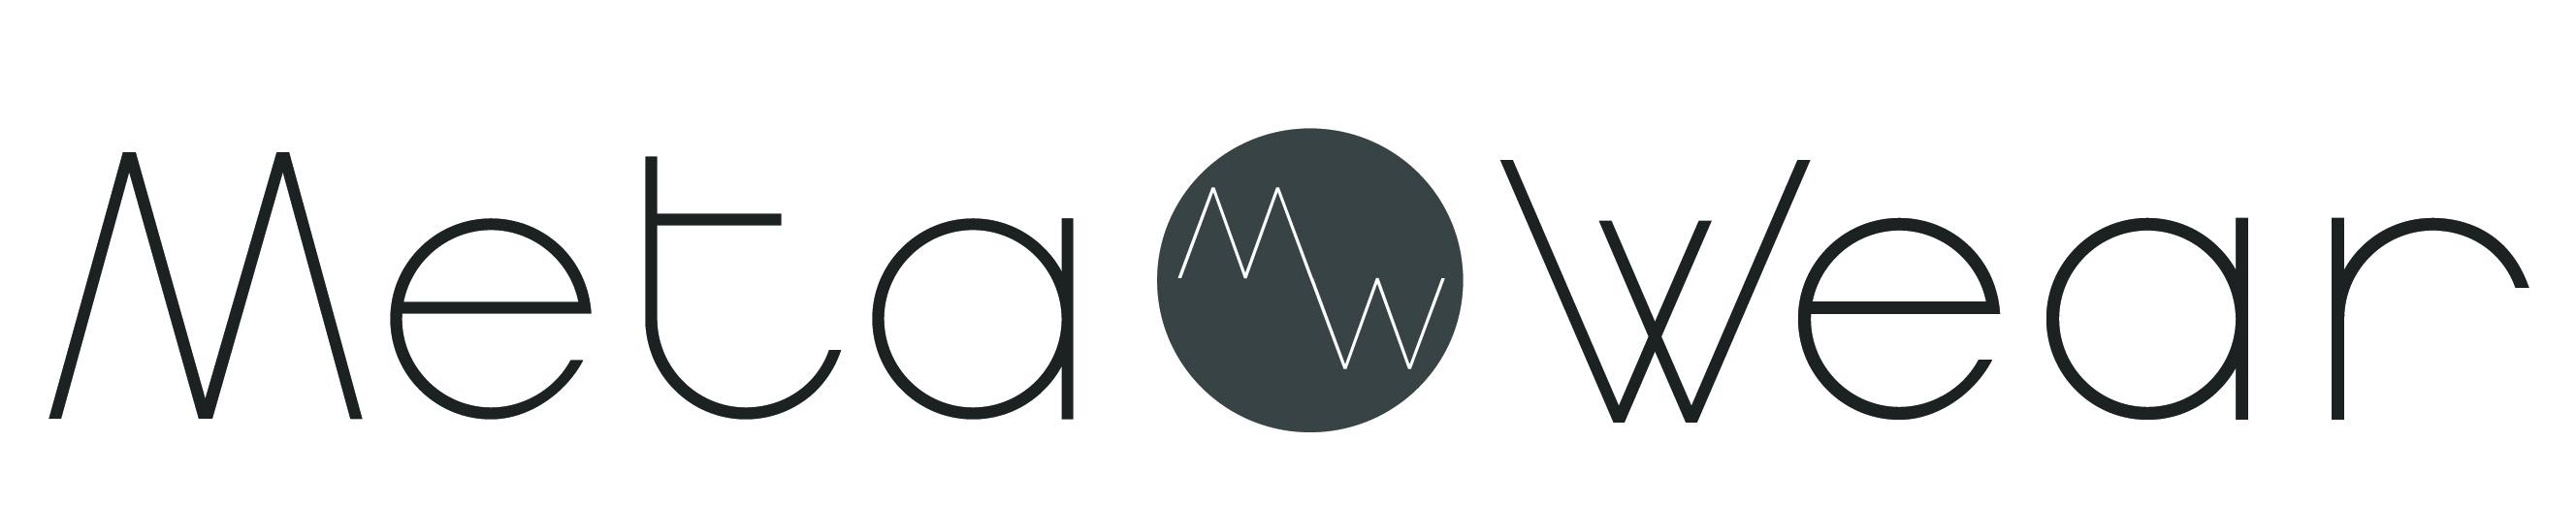 MW-logo-1